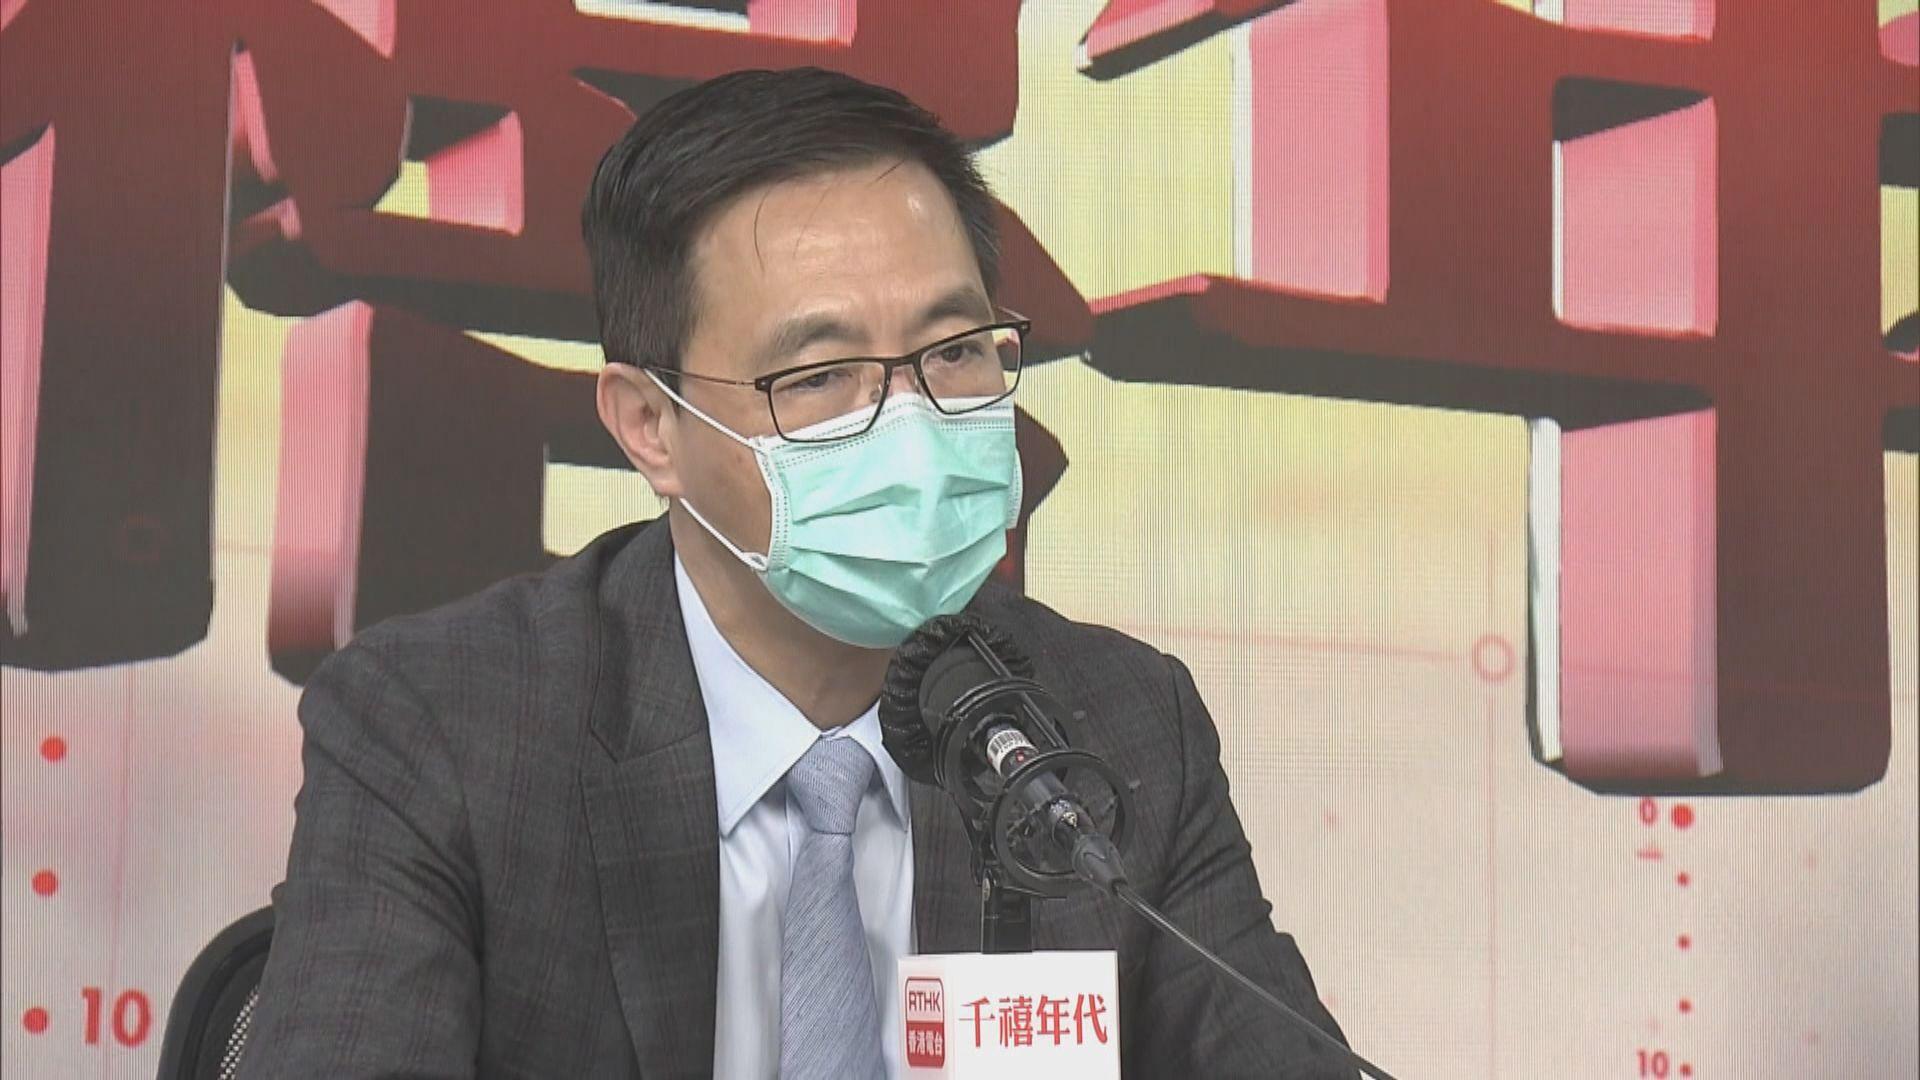 楊潤雄:文憑試仍能趕及7月放榜 盼減少影響外地升學